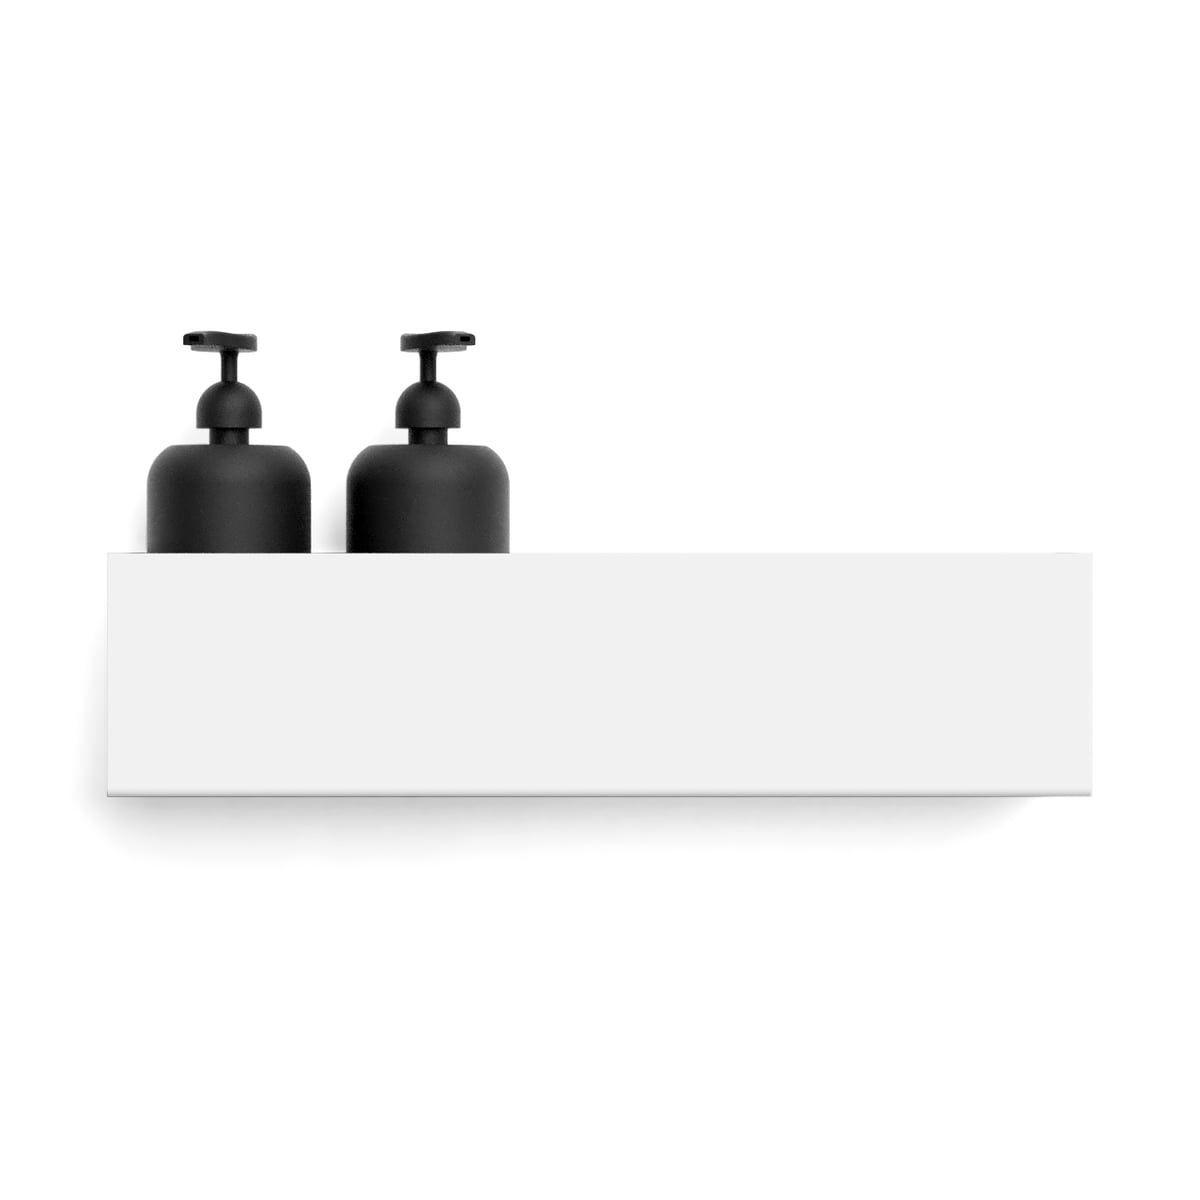 Die Wandablage Von Nichba Design Ist Eine Praktische Ablage Fur Das Badezimmer Im Skandinavischen Design Das Mi In 2020 Ablage Dusche Badezimmer Accessoires Regalwand